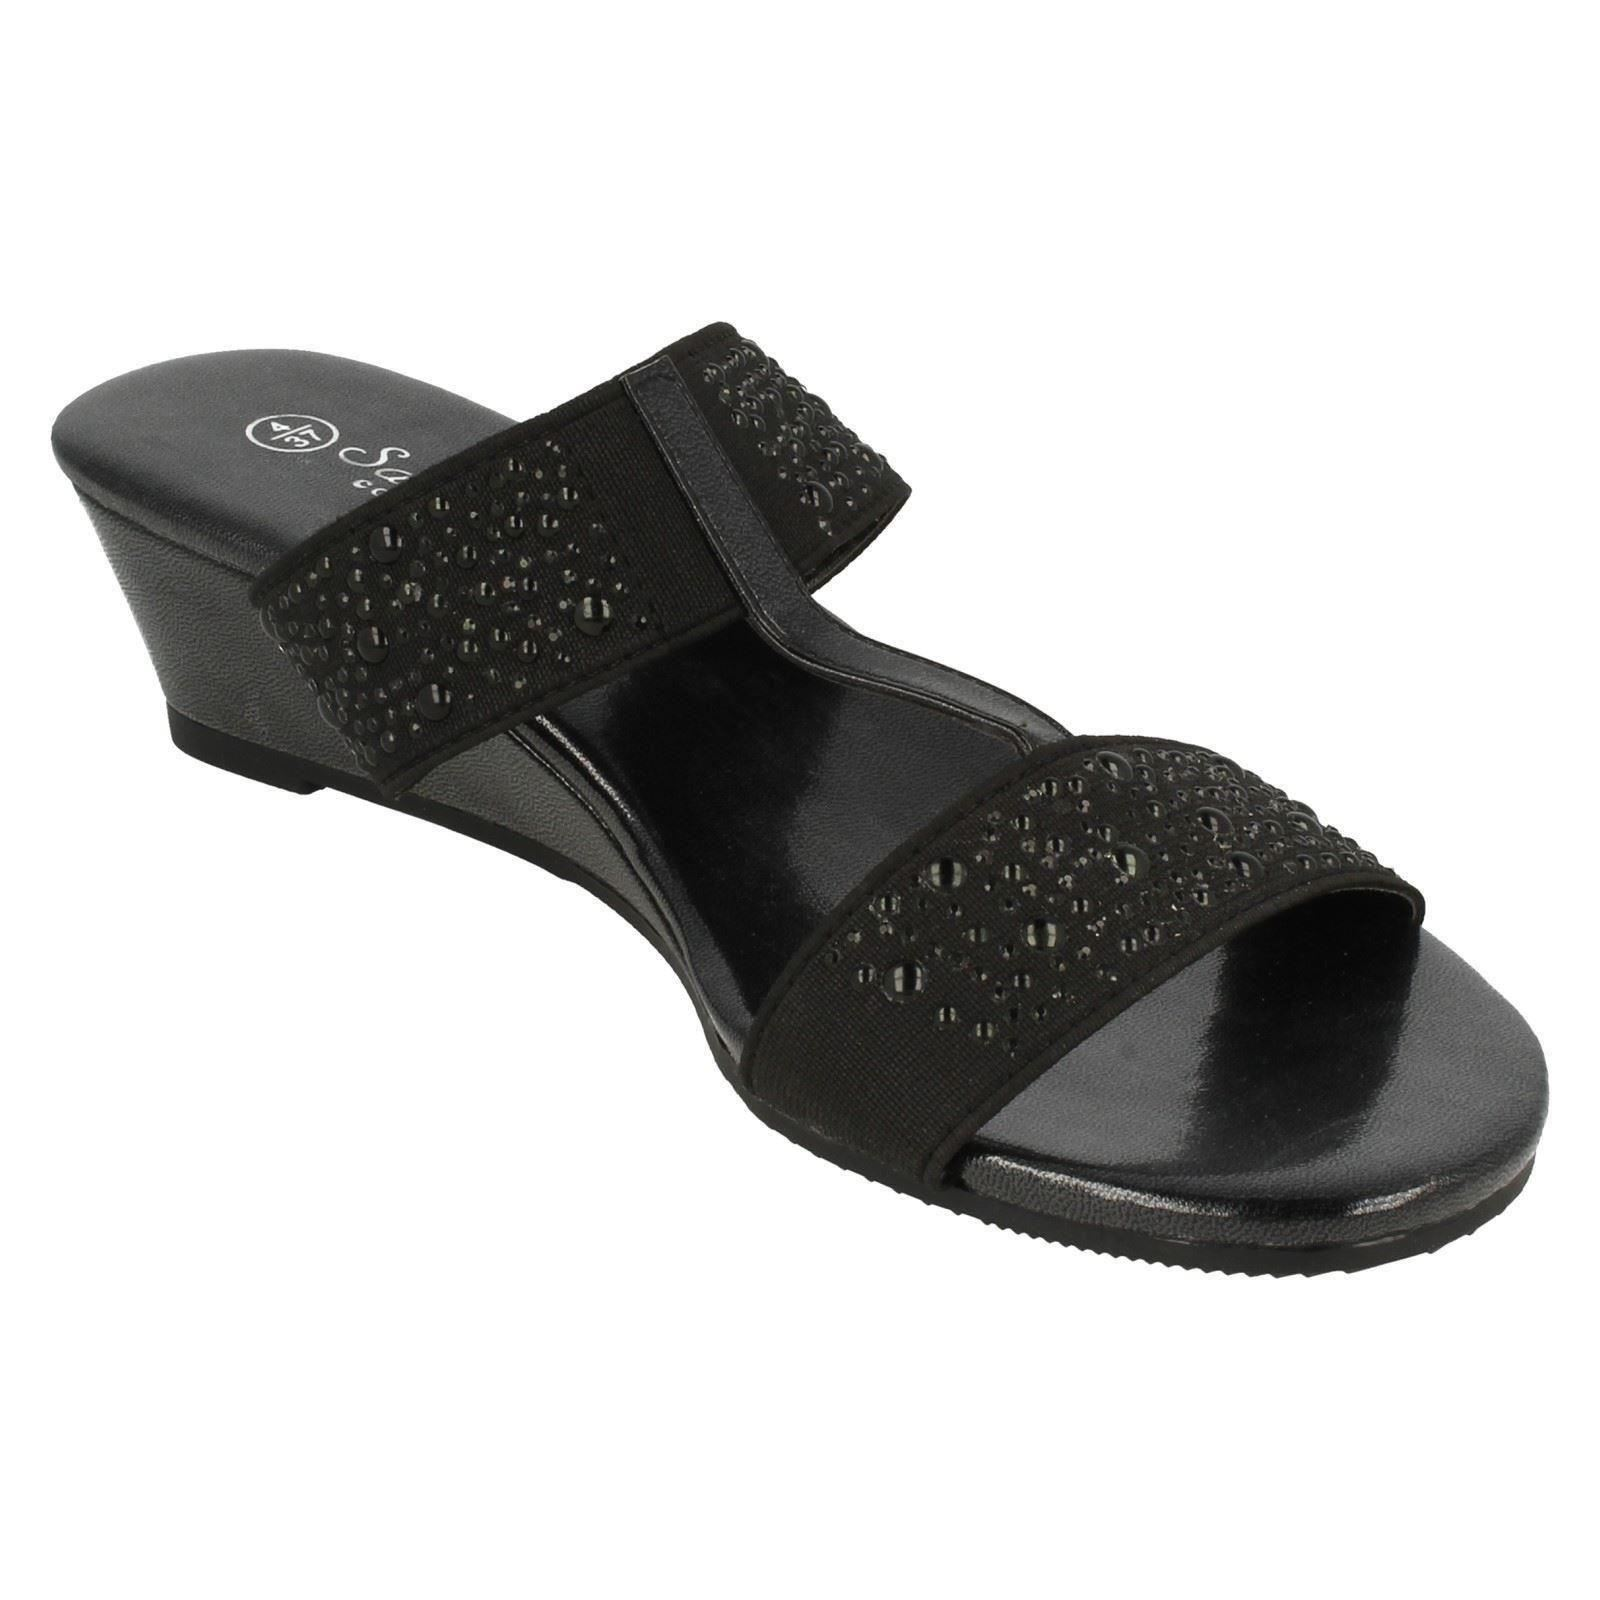 Savannah Ladies Heeled Mule Sandals